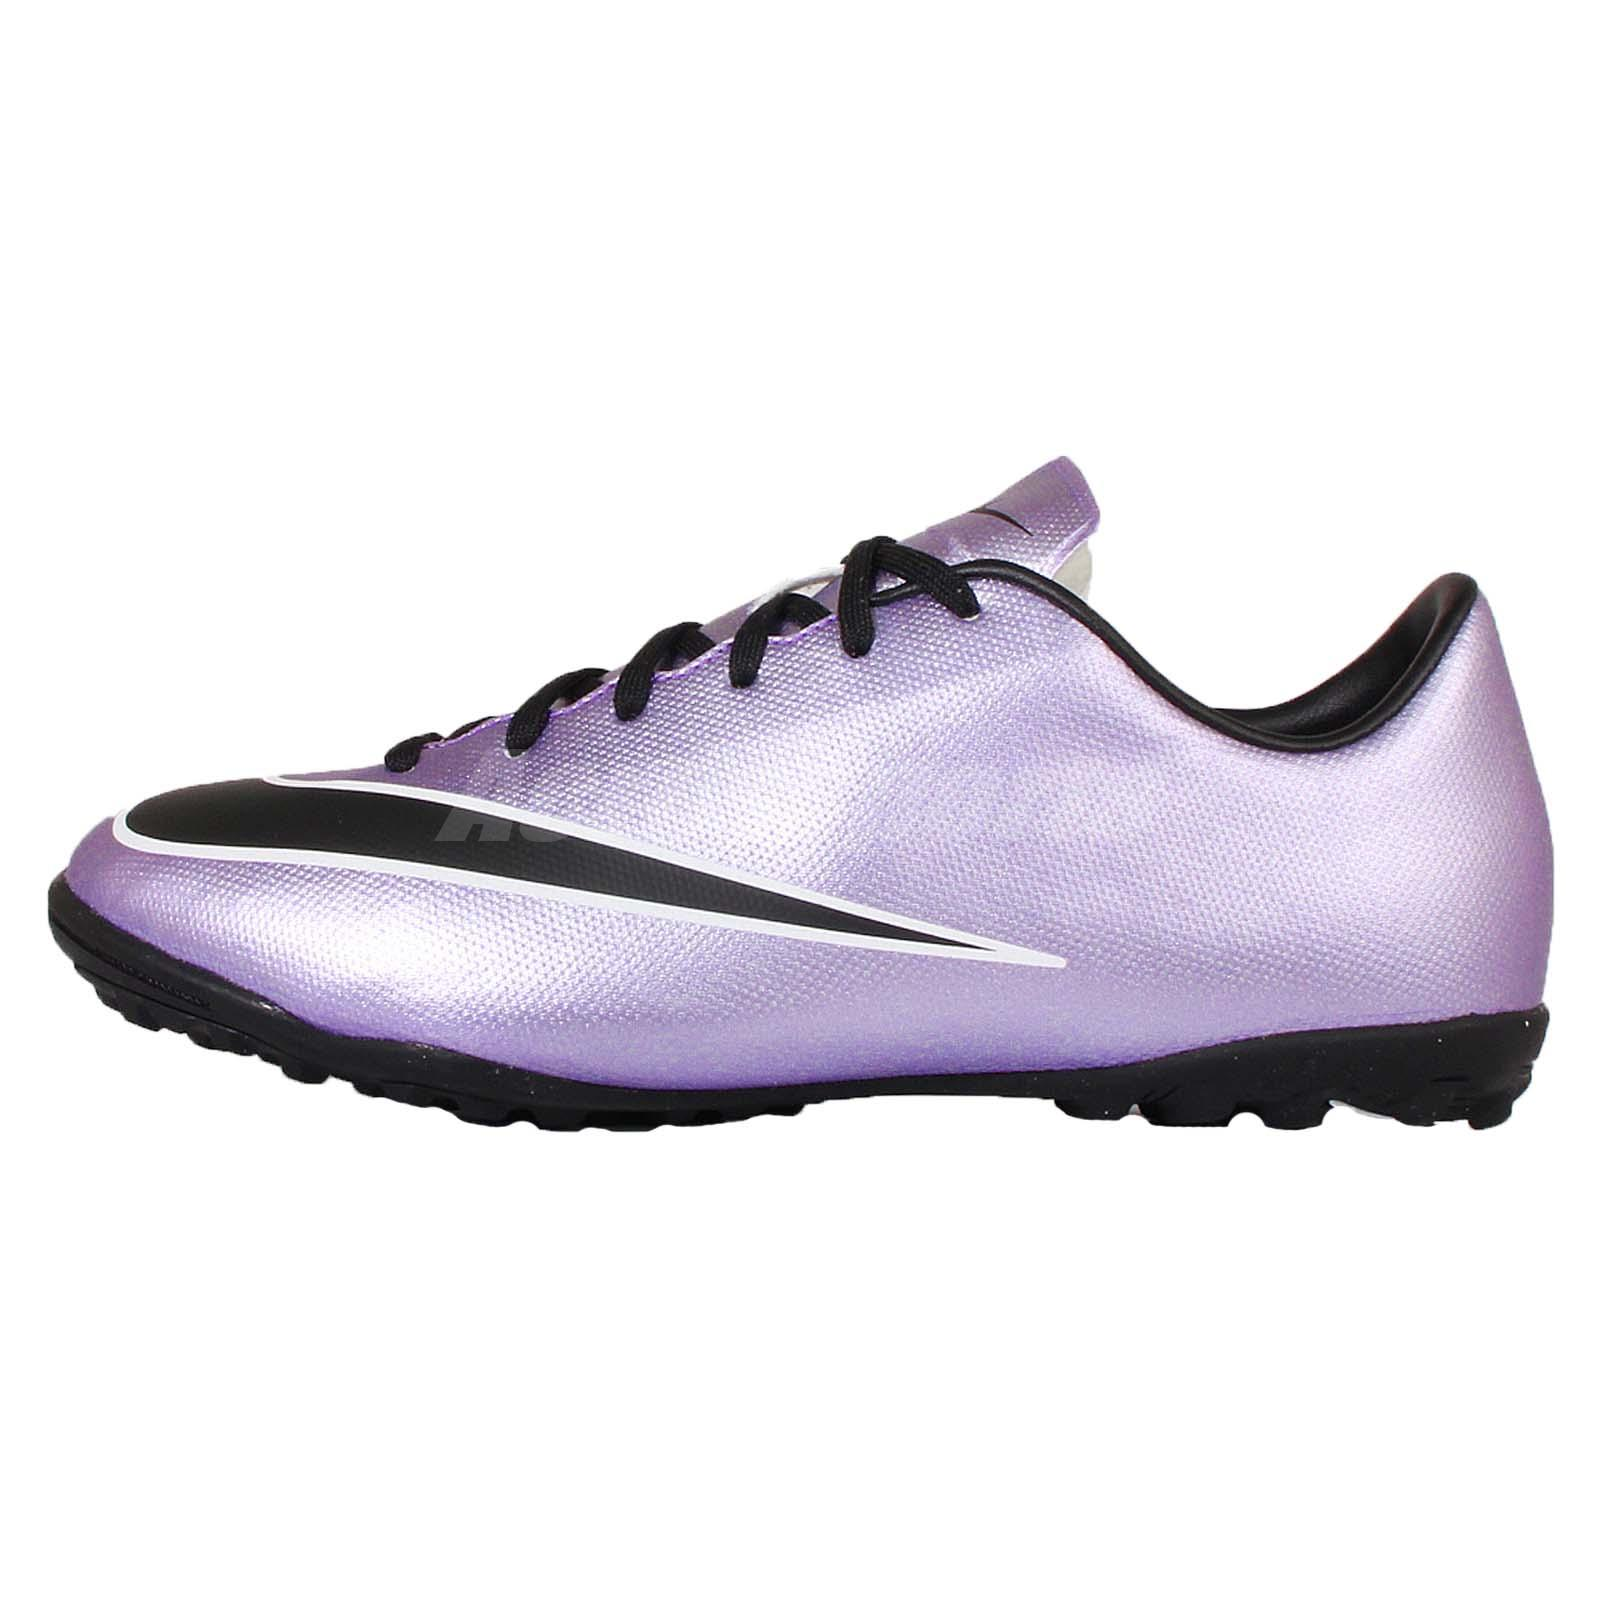 Nike Indoor Shoes Amazon